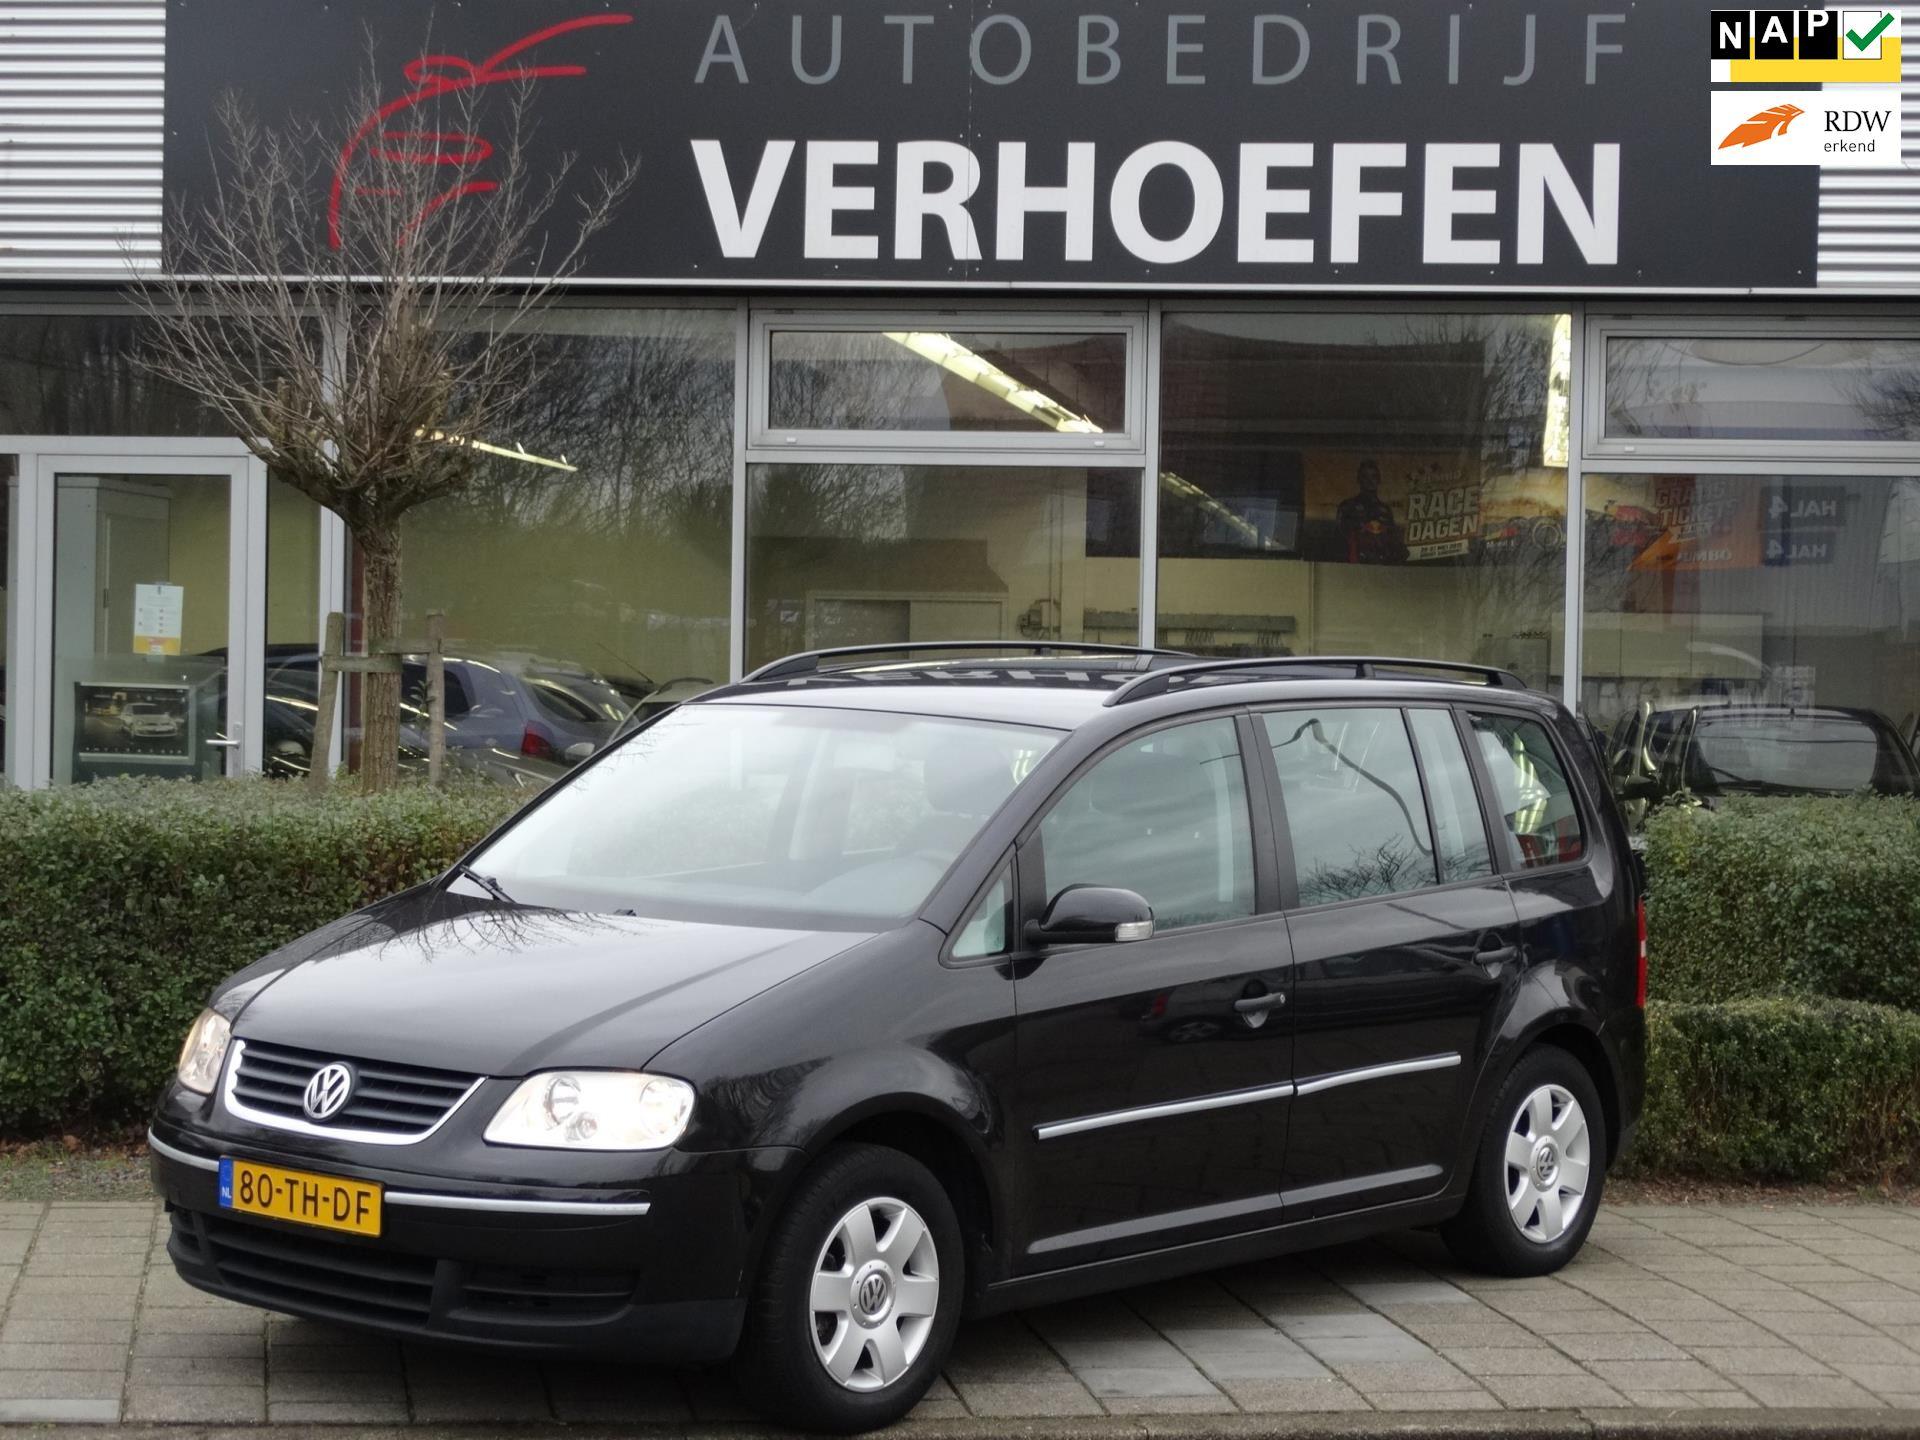 Volkswagen Touran occasion - Autobedrijf Verhoefen